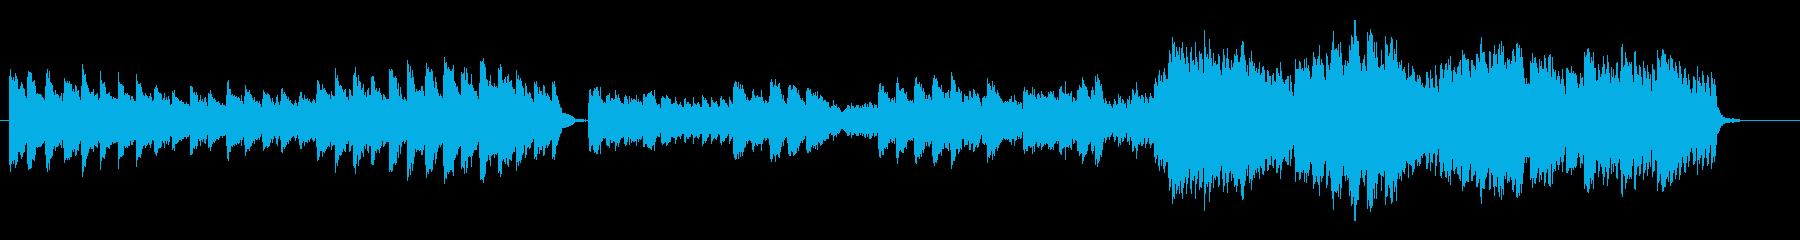 ツェルニー30番練習曲No.4の再生済みの波形